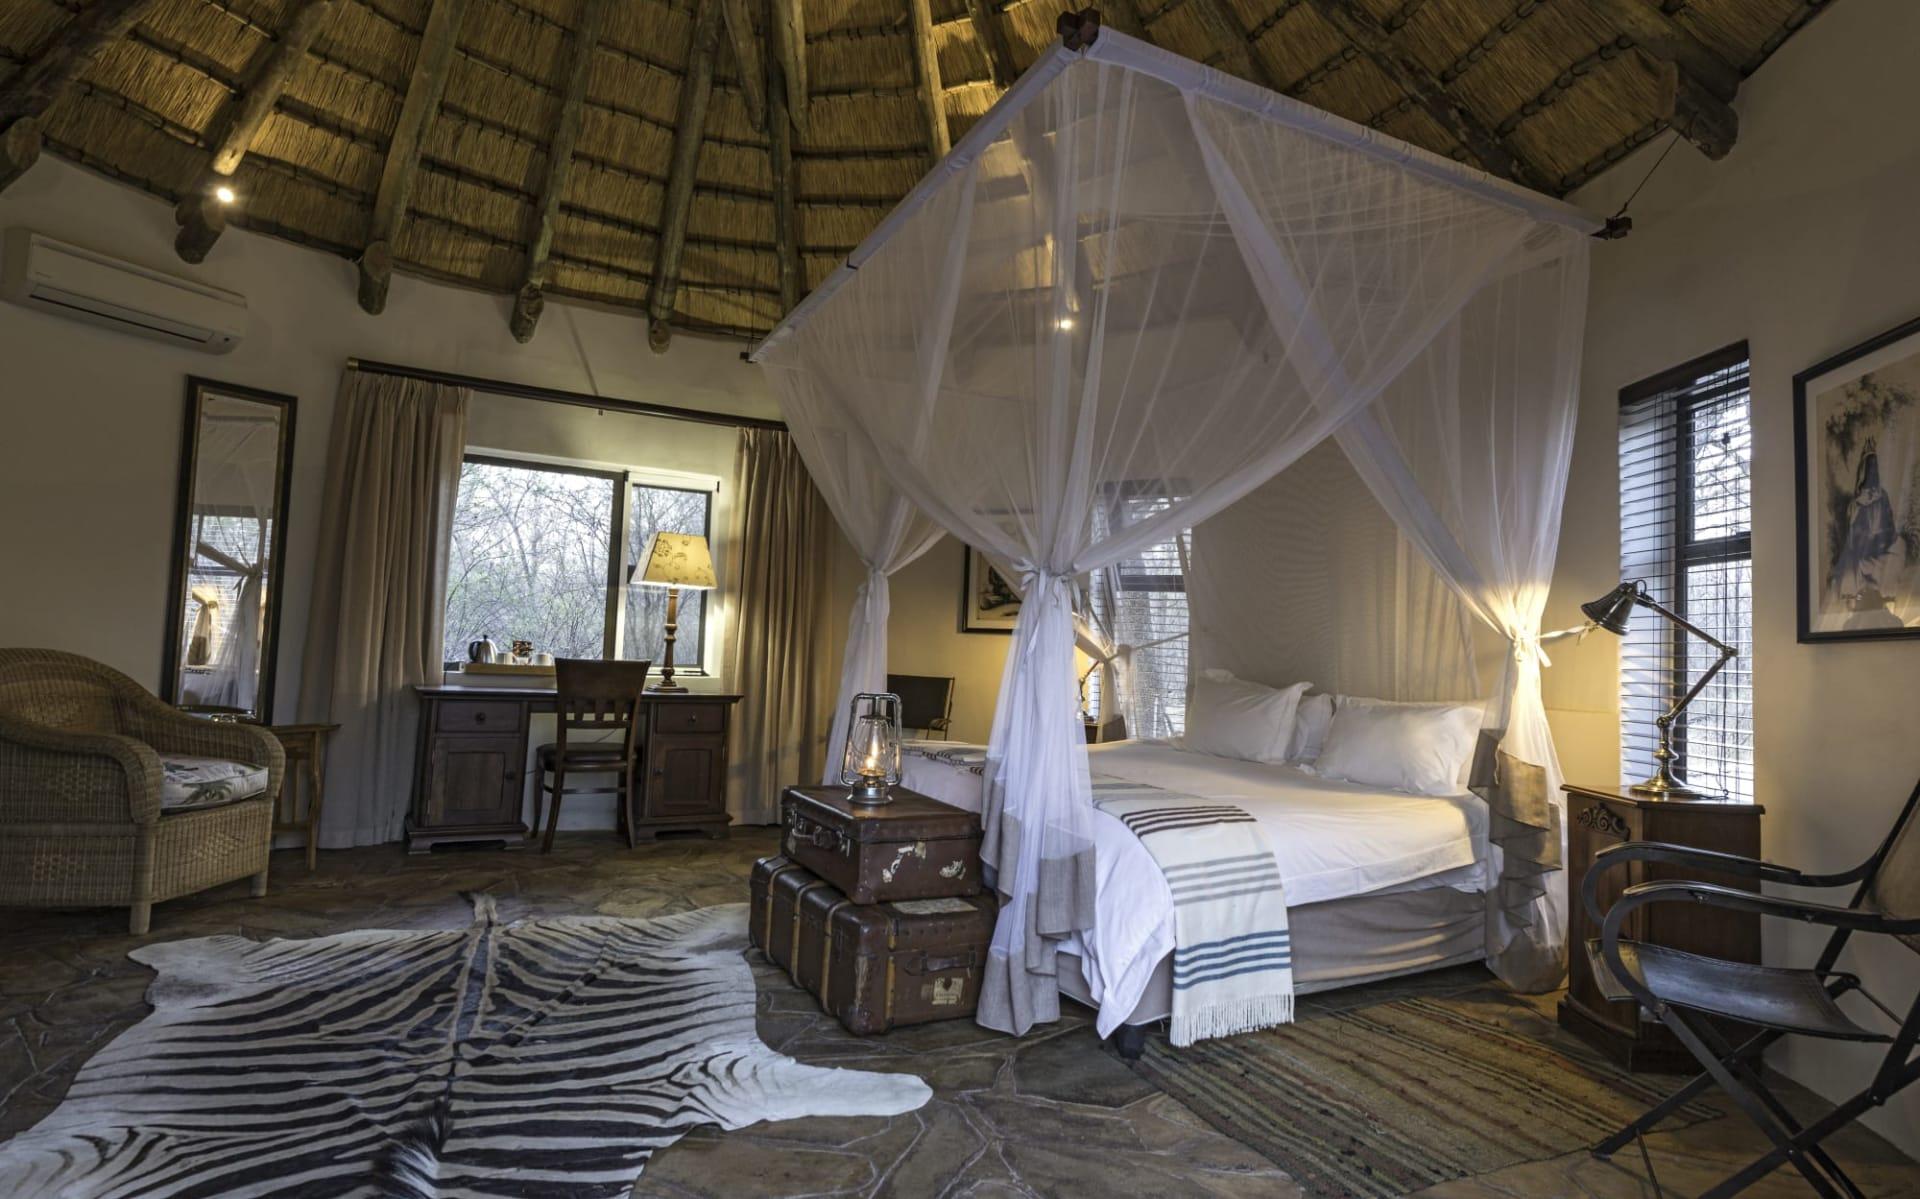 Onguma Etosha Aoba in Etosha Nationalpark:  Etosha Aoba Lodge_2528